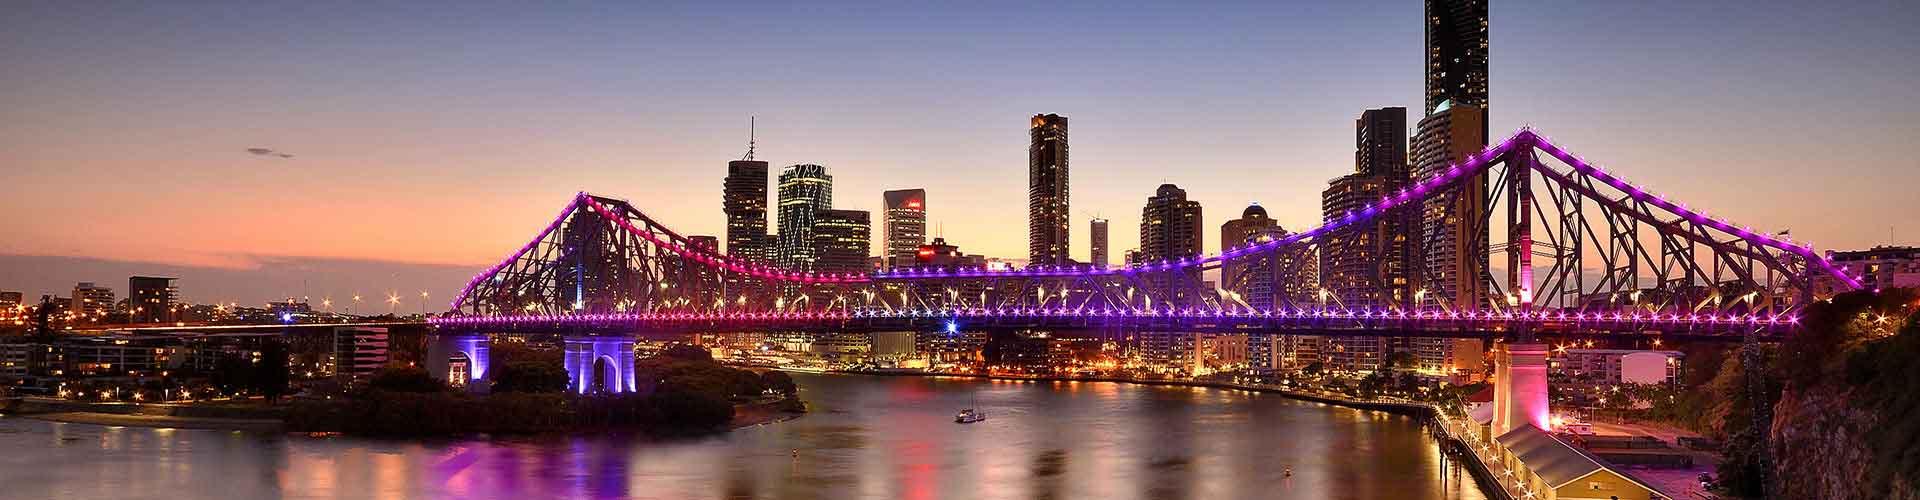 Brisbane - Pokoje w mieście Brisbane, Mapy miasta Brisbane, Zdjęcia i Recenzje dla każdego pokoju w mieście Brisbane.